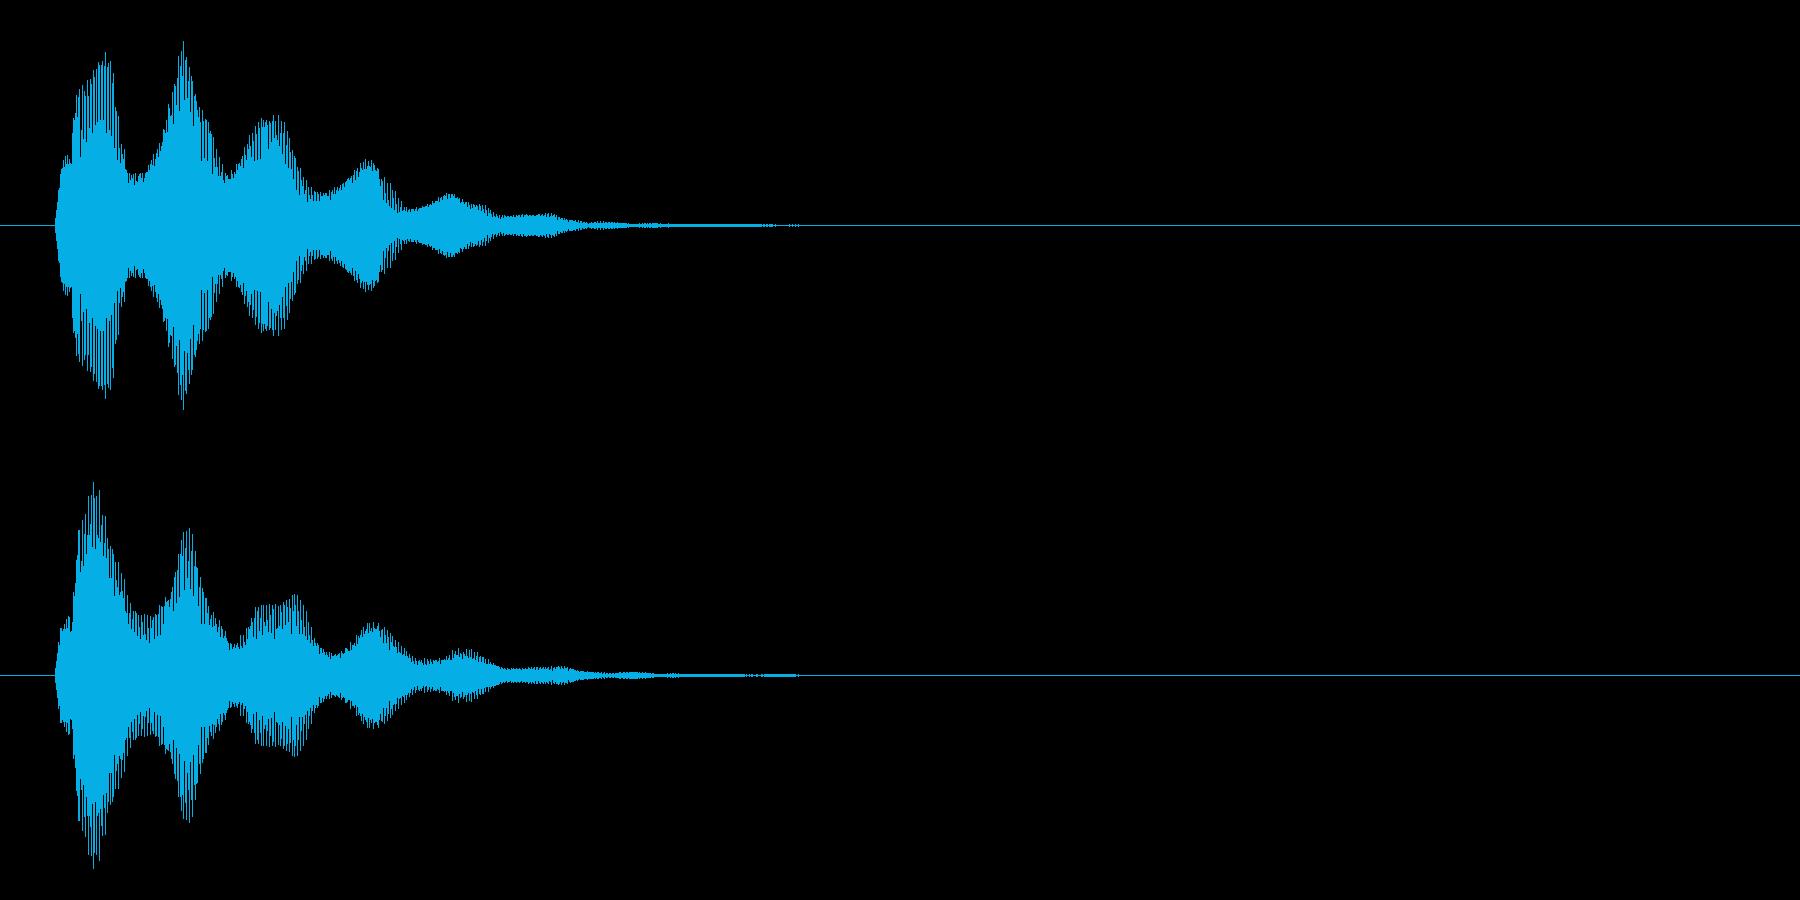 アプリ・ゲームの決定音_010の再生済みの波形